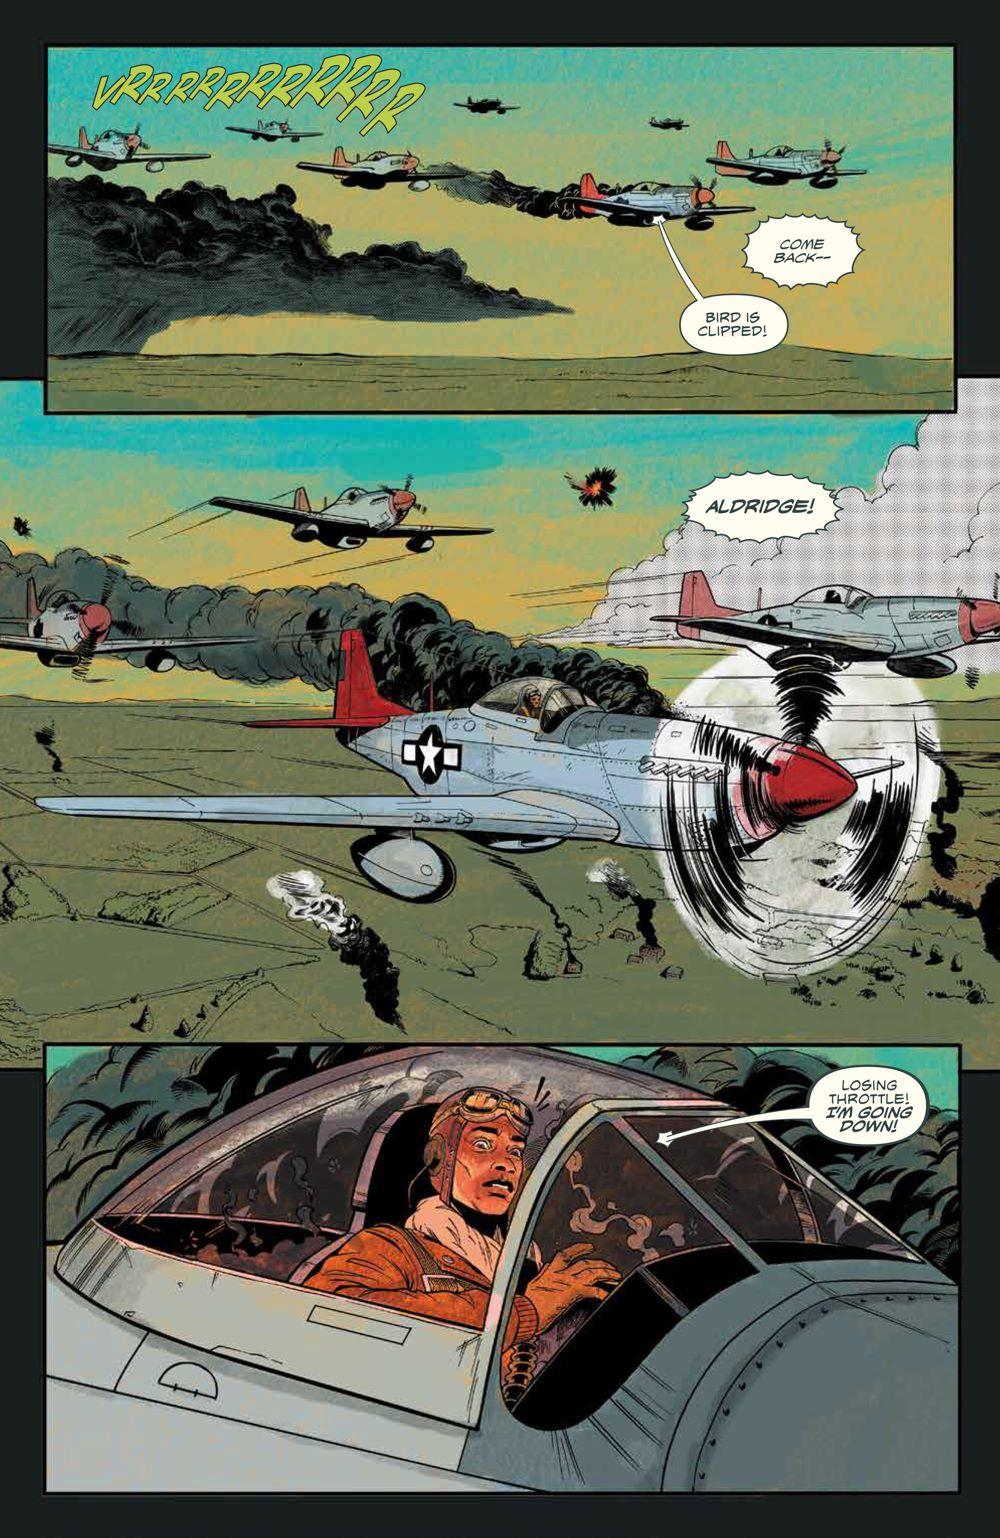 DarkBlood_001_PRESS_7 ComicList Previews: DARK BLOOD #1 (OF 6)